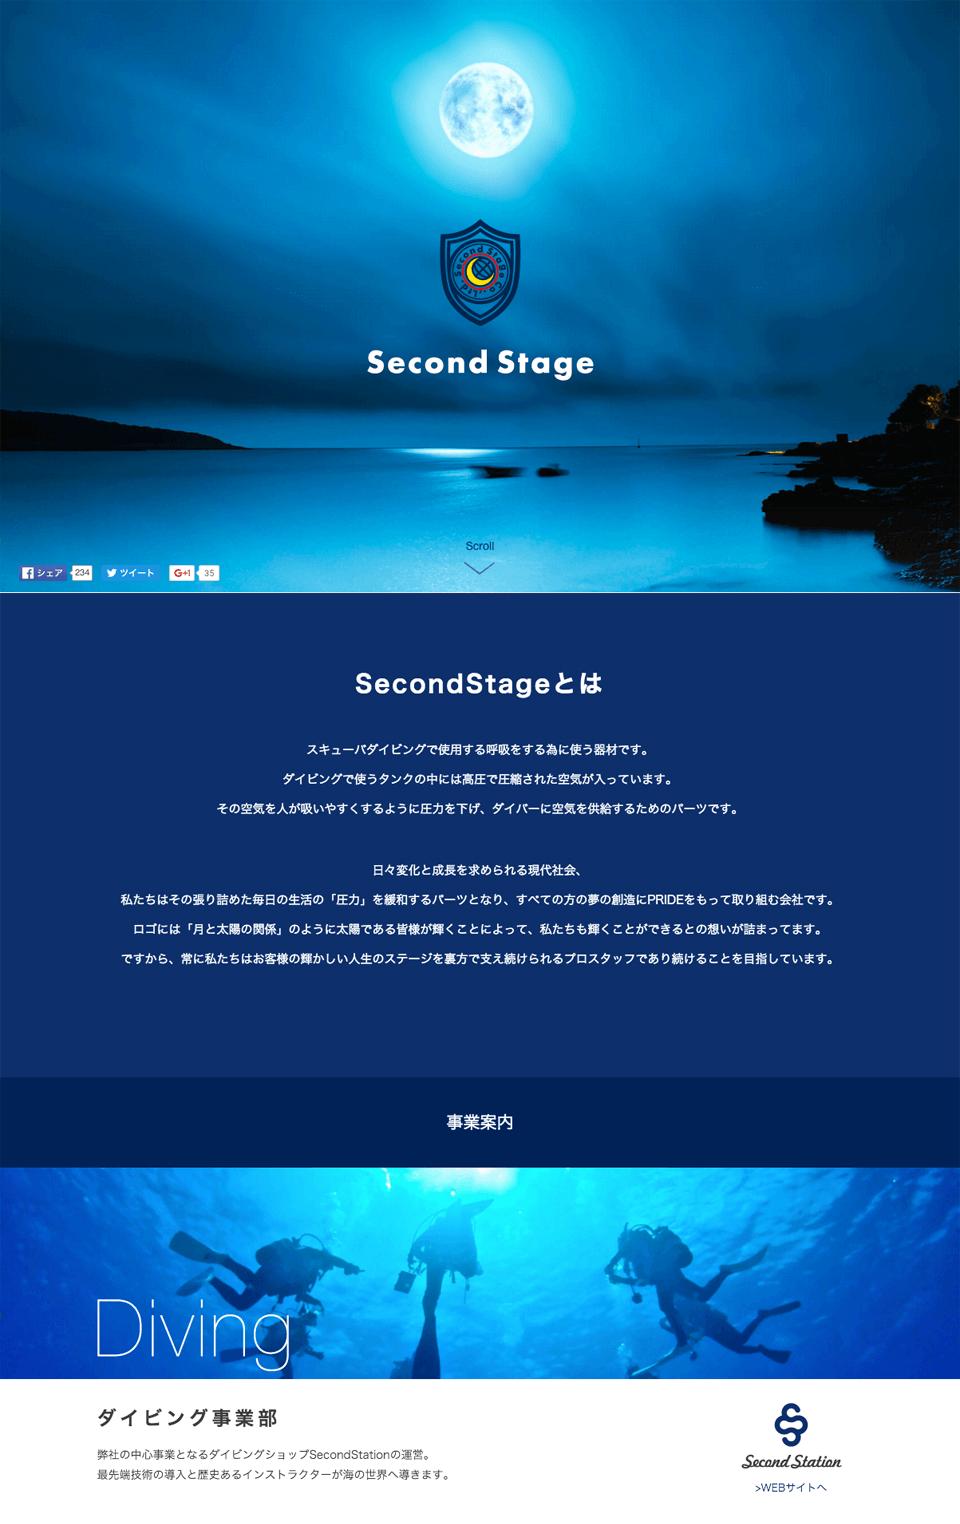 株式会社SecondStage